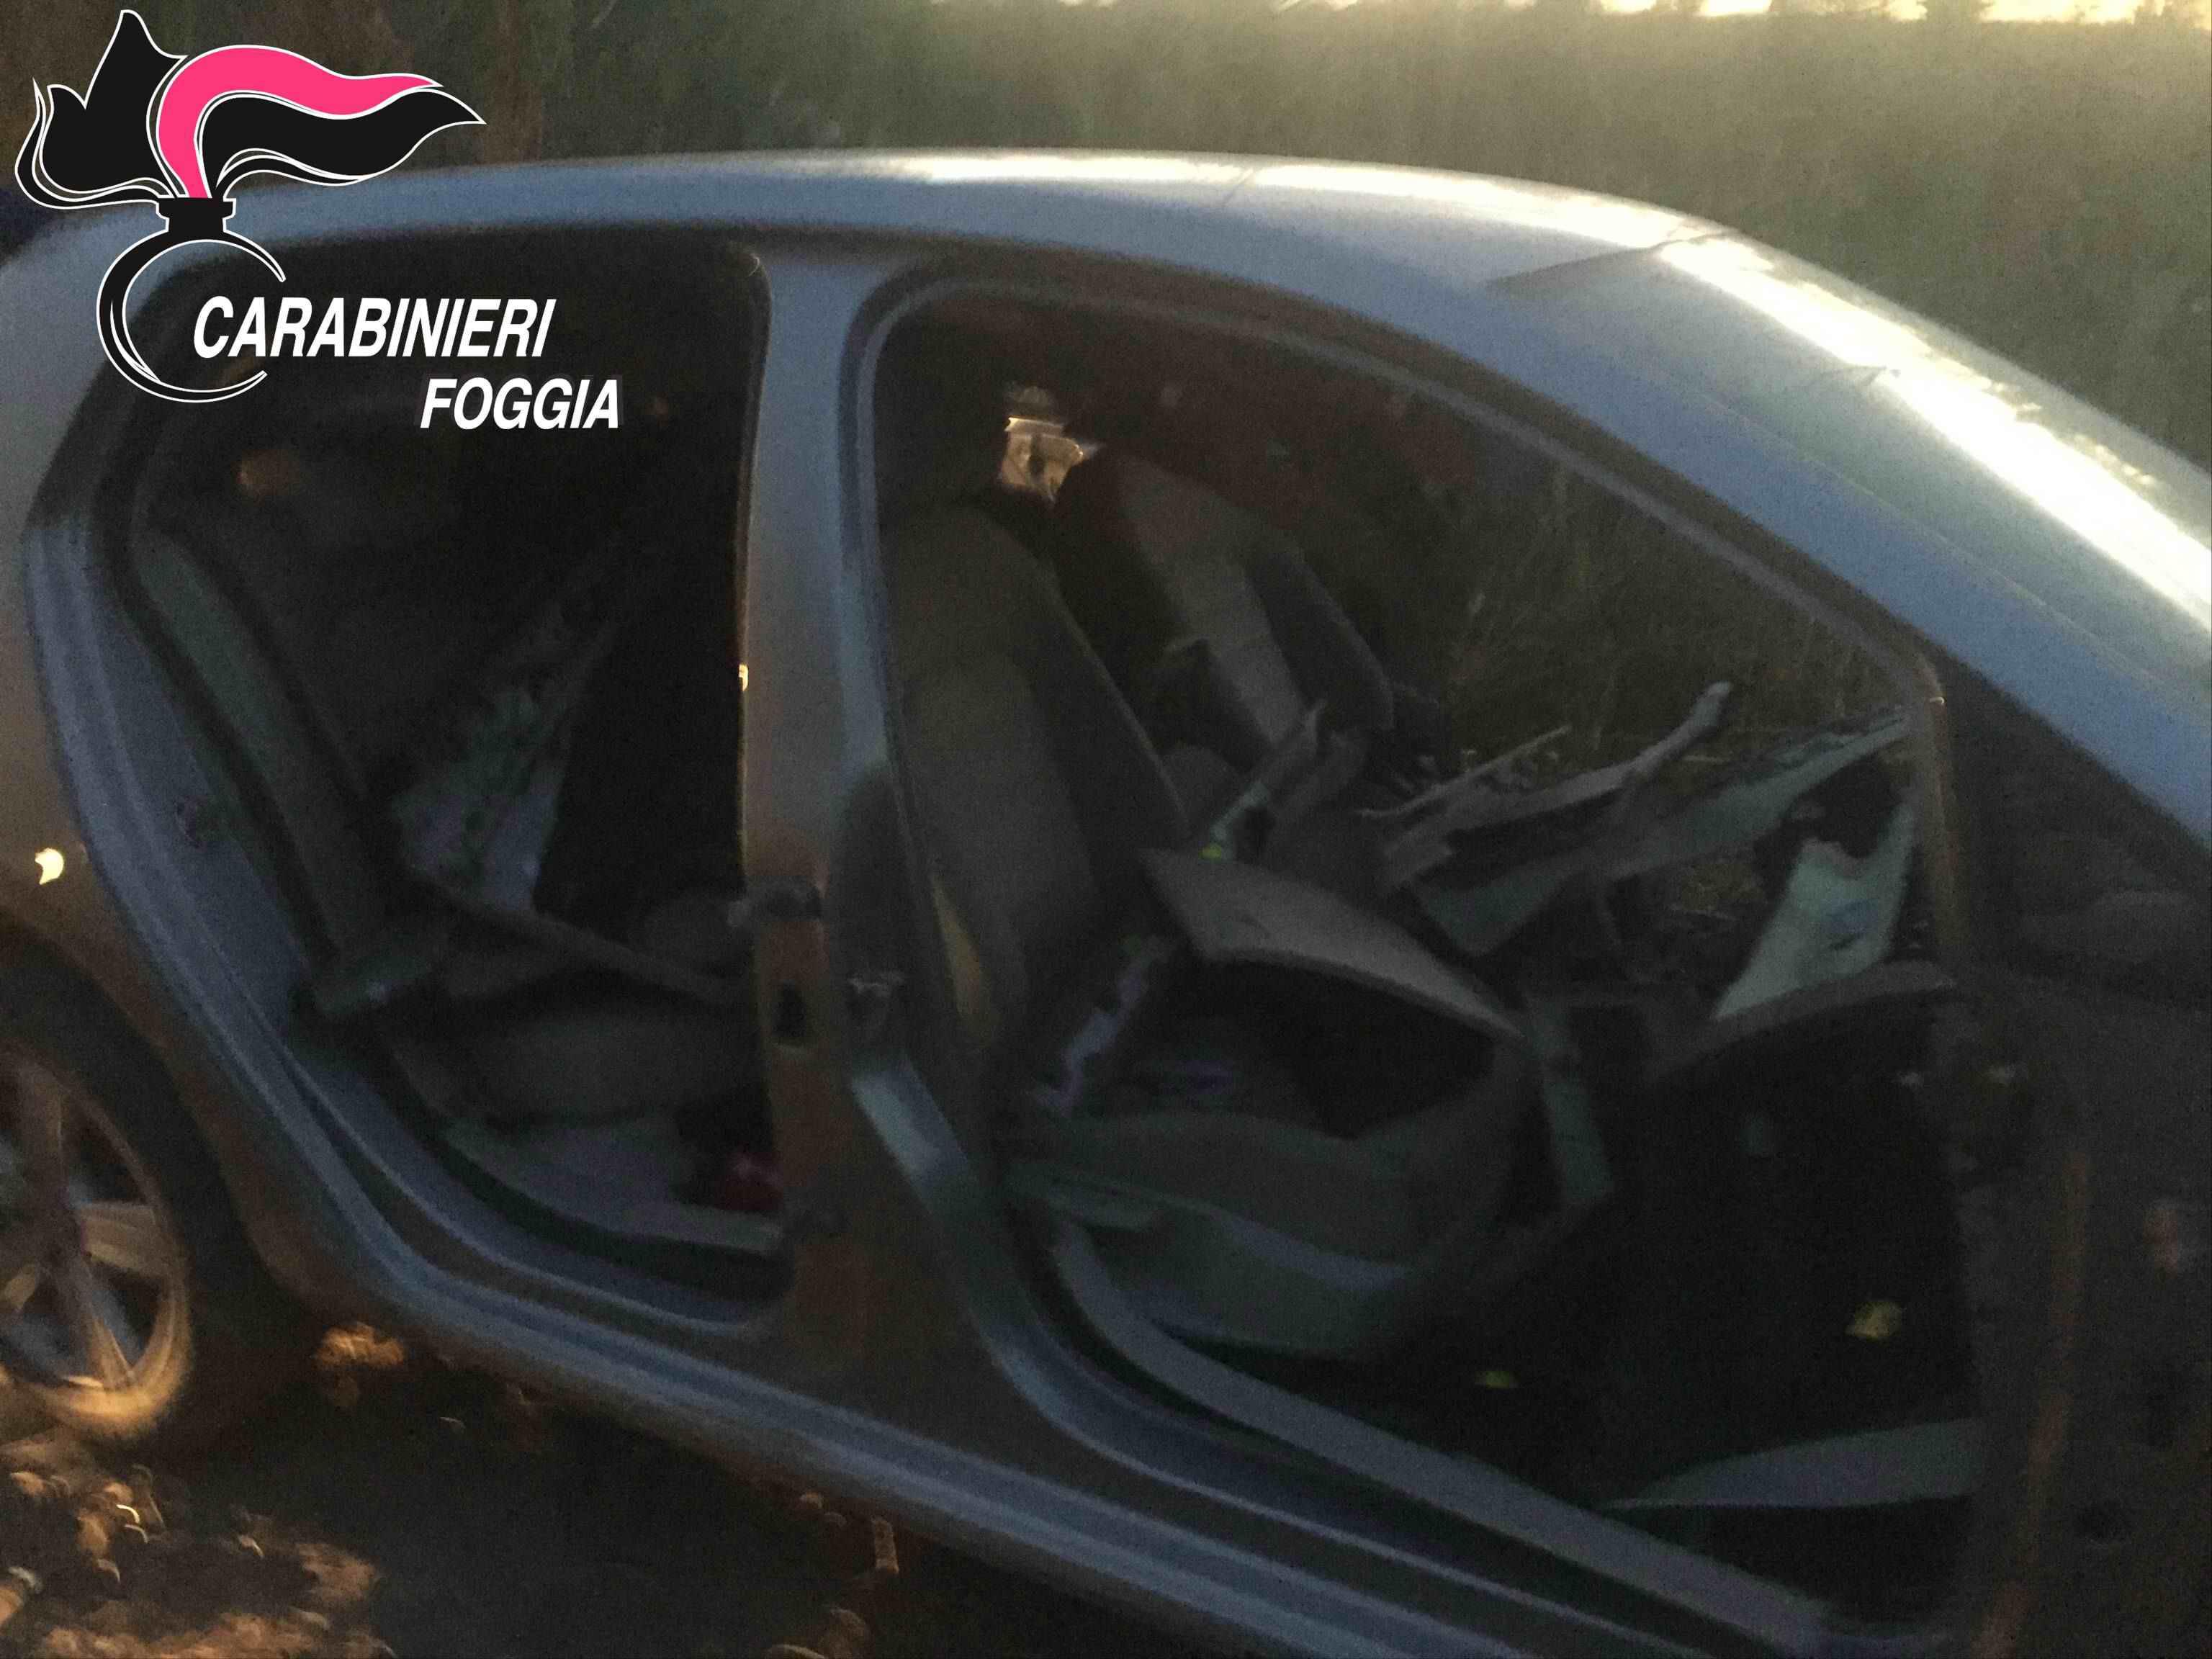 Foggia Sorpreso A Smontare Delle Automobili Rubate Arrestato Dai